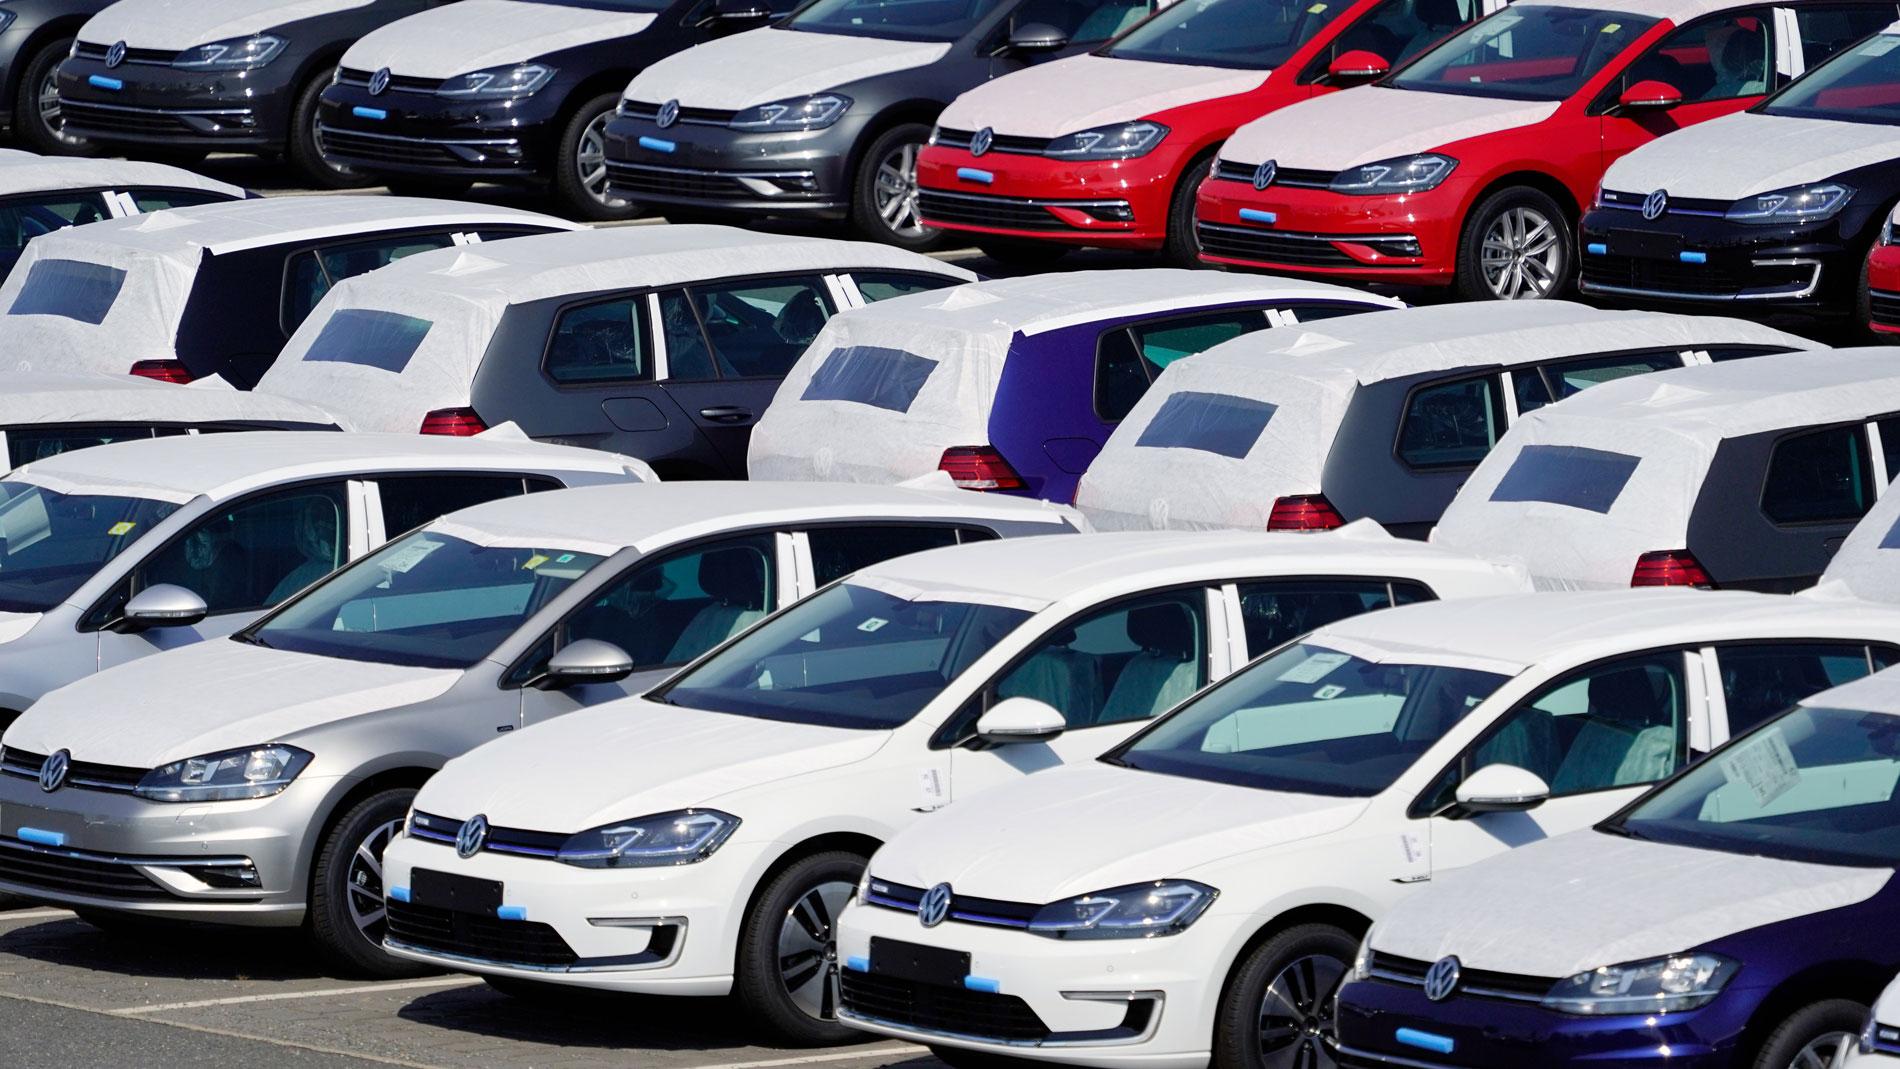 Se cumplen tres años del escándalo del 'Dieselgate' en pleno debate sobre los vehículos diésel